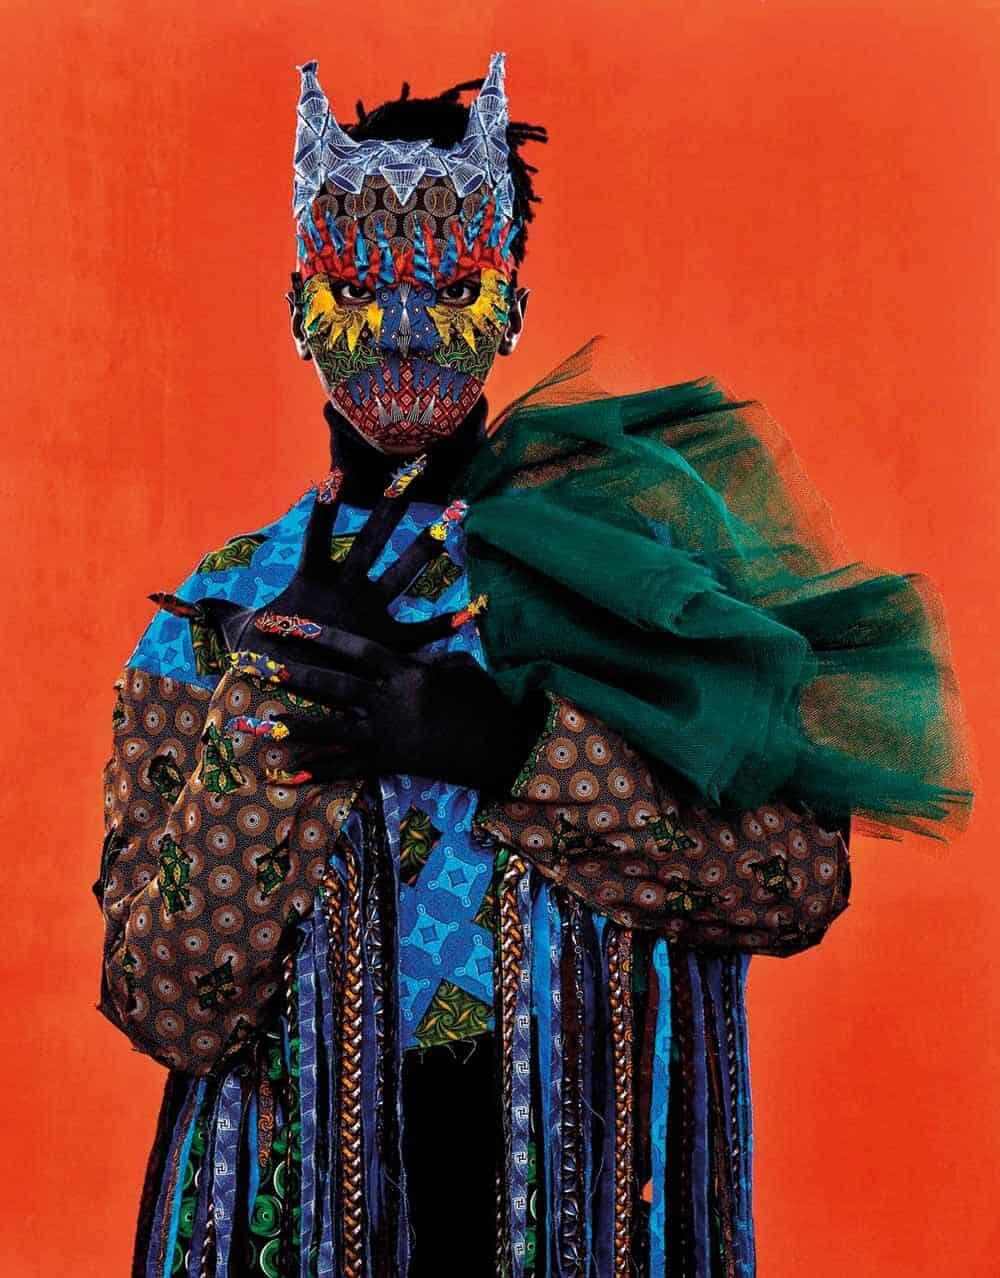 Porträt von Siwa Mgoboza von Gerda Genis. Courtsey of Semaphore Gallery.